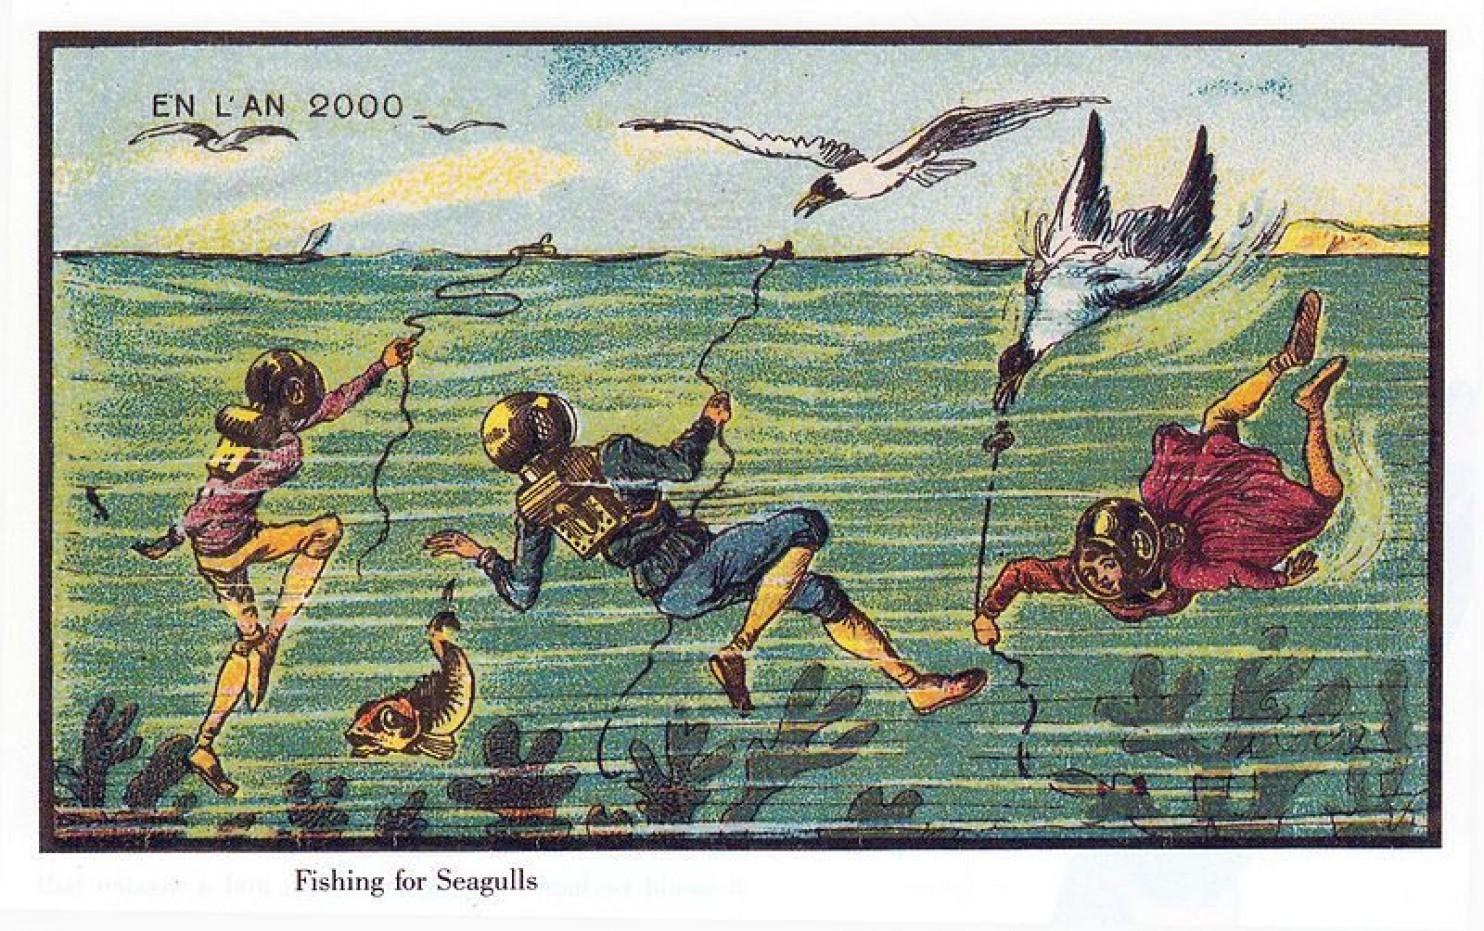 como imaginaban el futuro en 1900 ilustraciones 20